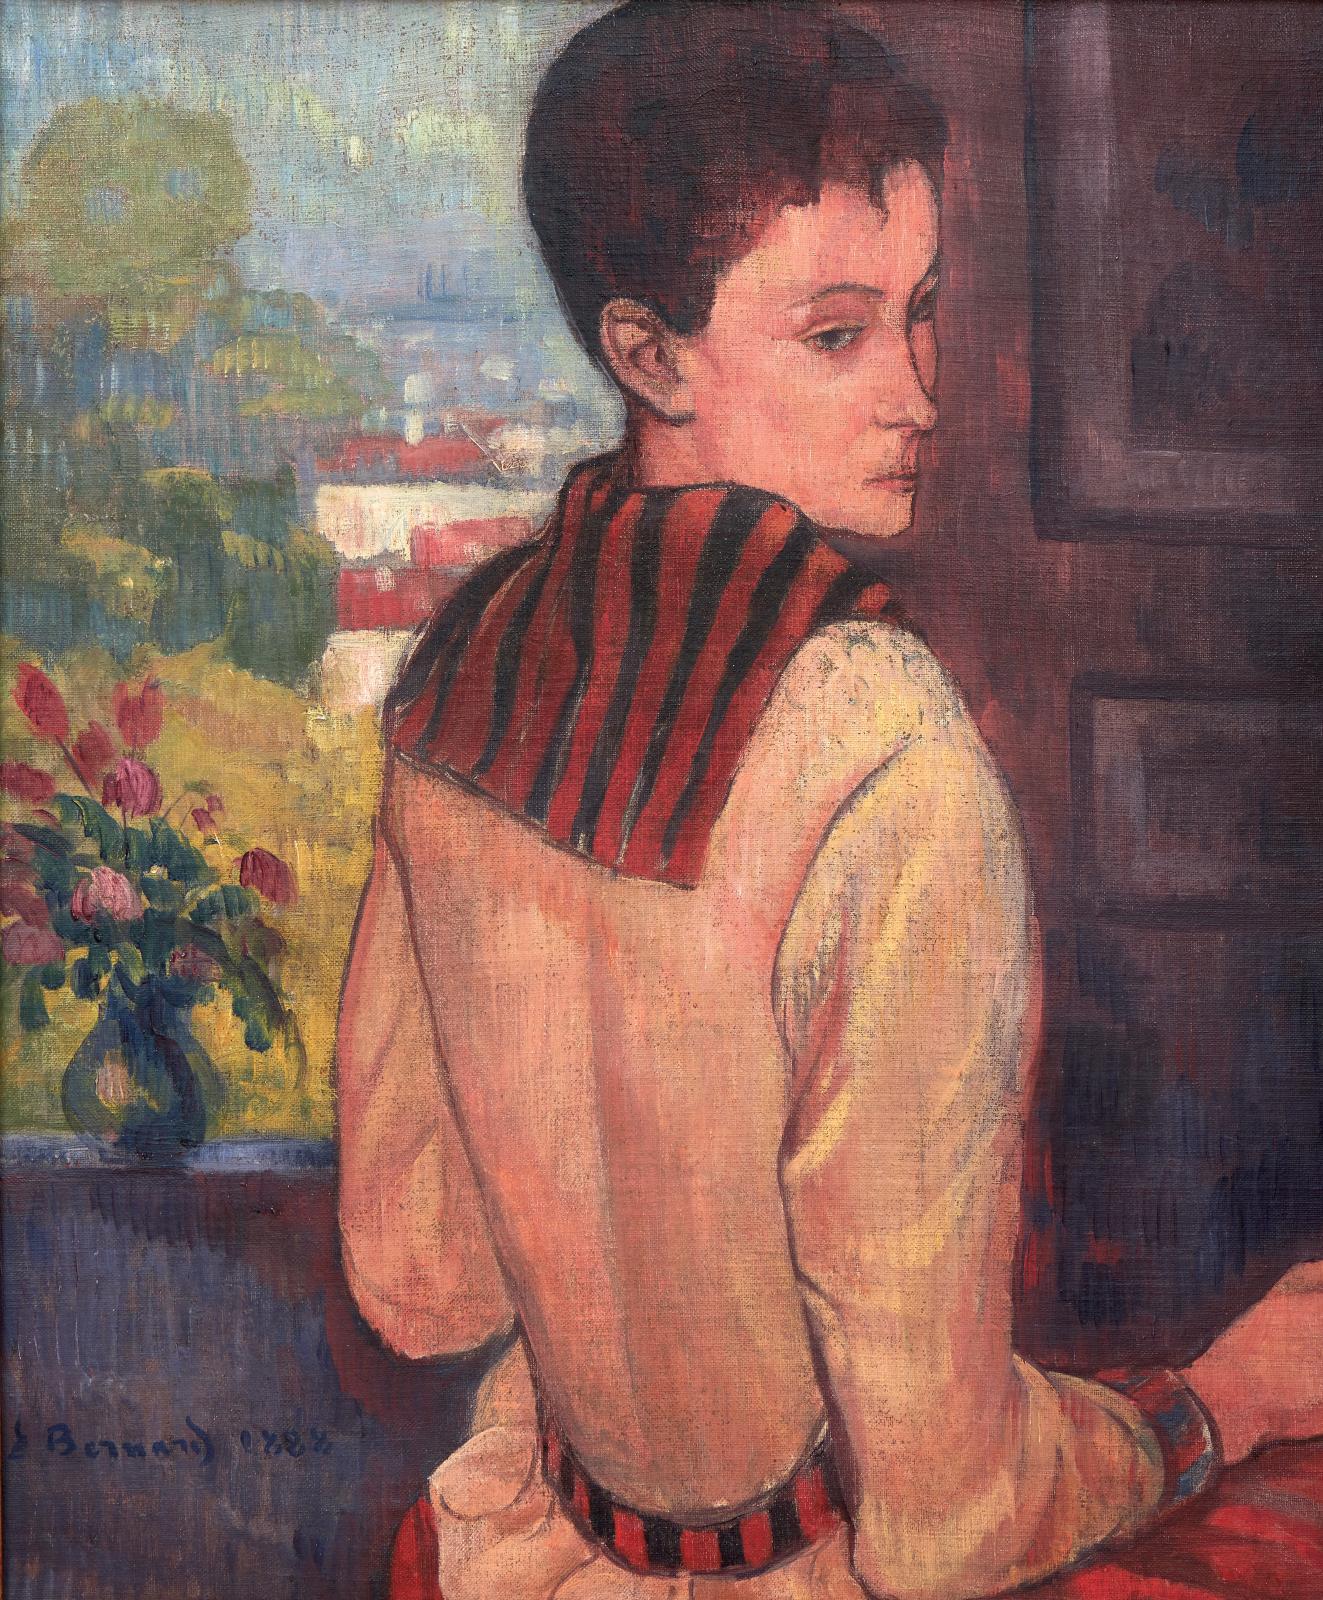 Émile Bernard (1868-1941), Portrait de madame Schuffenecker, 1888, huile sur toile, 66x53,5cm (détail). © Photo Bernard Galéron